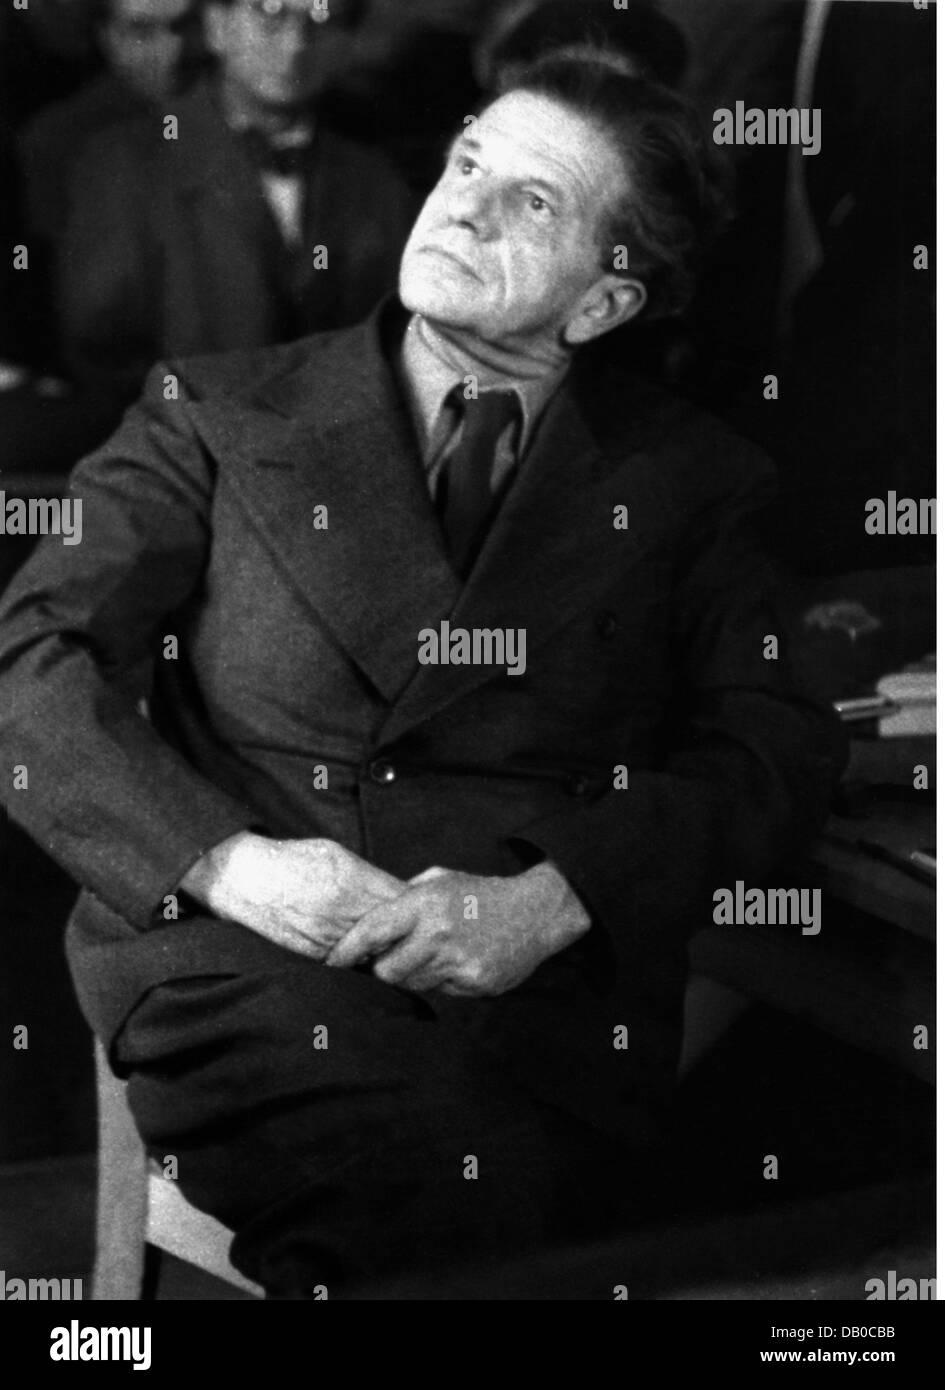 Johst, Hanns, 8.7.1890 - 23. 11.1978, German author / writer, president of Reichsschrifttumskammer (RSK) 1935 - Stock Photo